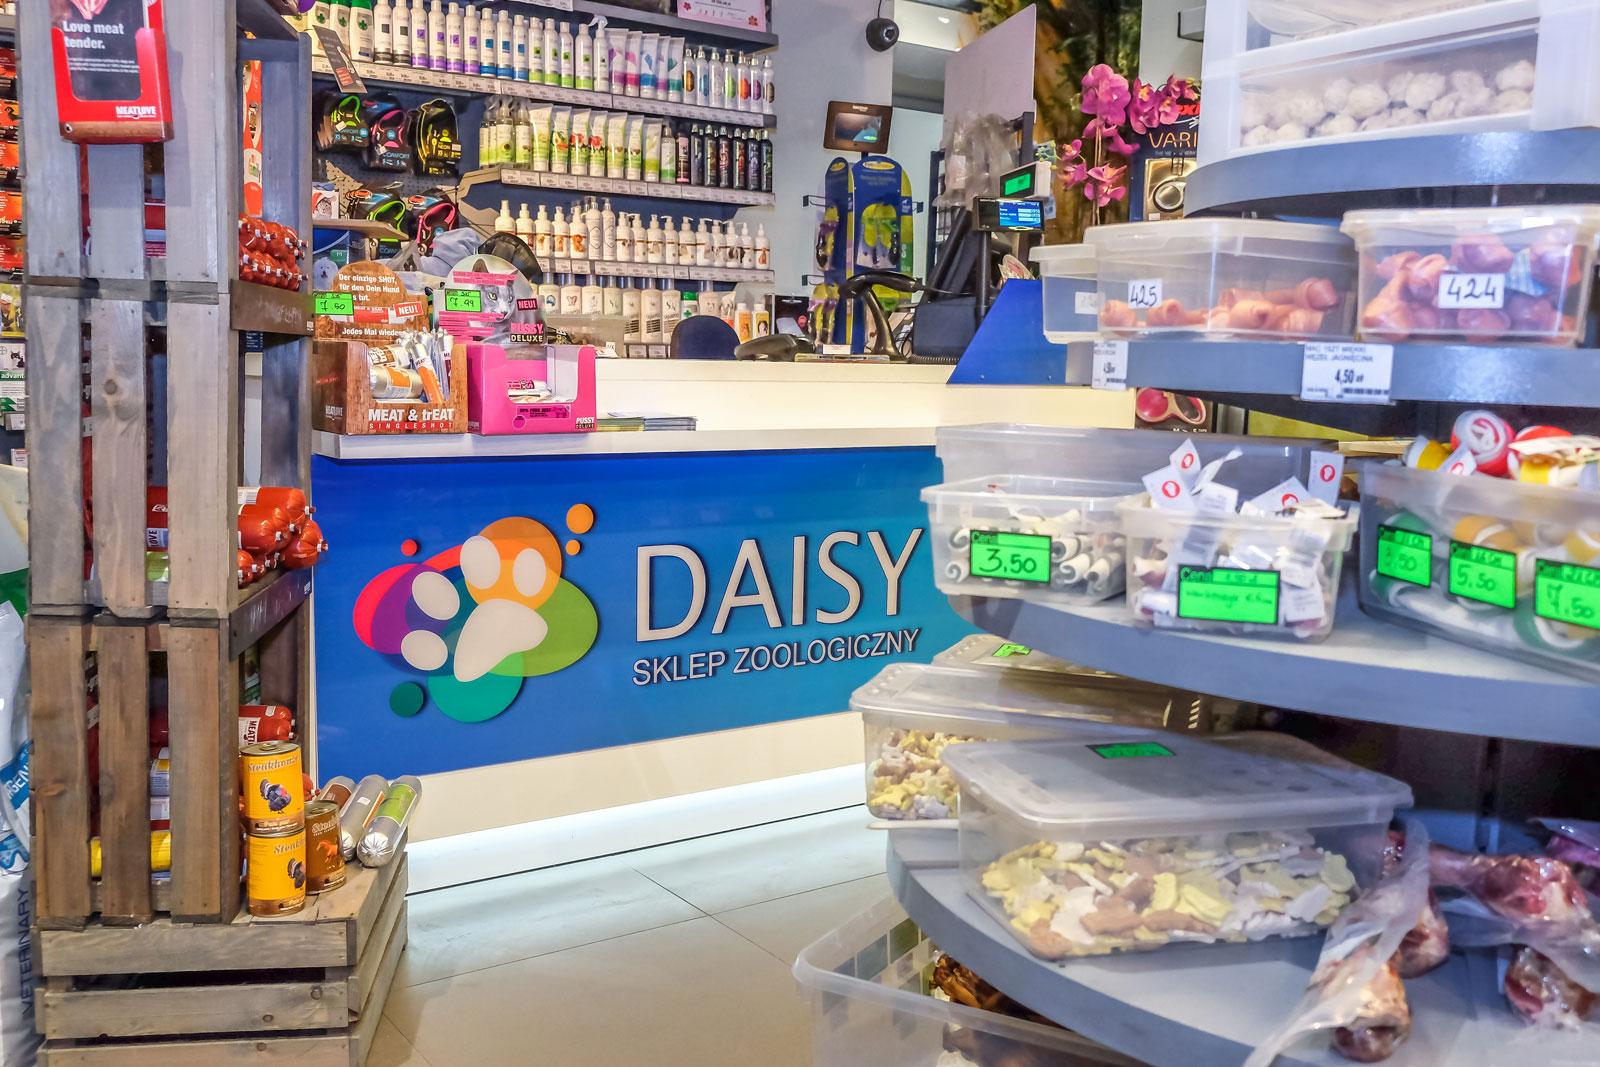 Daisy – Sklep Zoologiczny, wnętrze sklepu